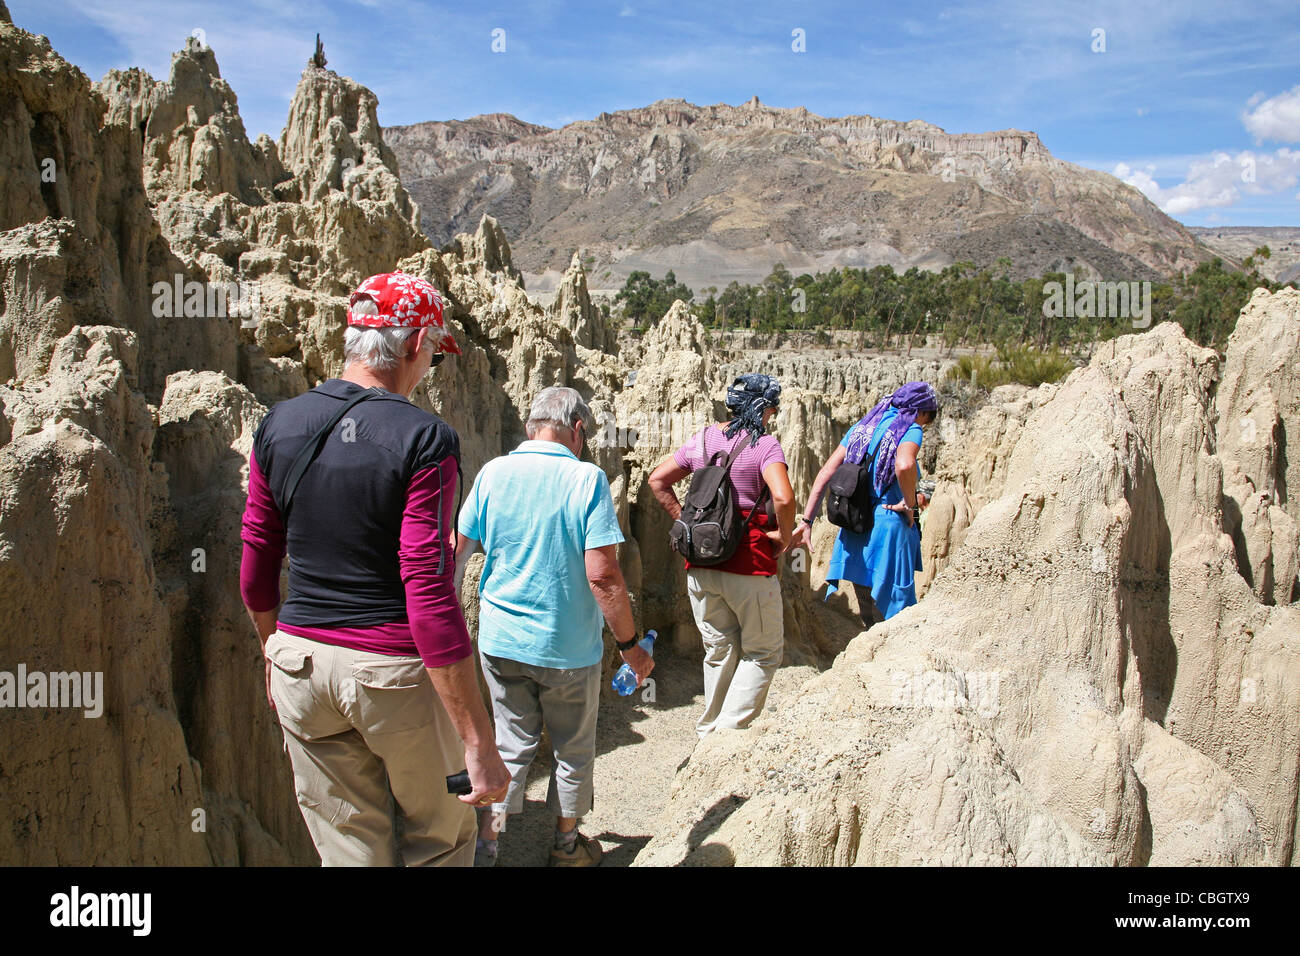 Los turistas que visitan la erosionada formaciones de roca caliza en el Valle de la Luna / Valle de la Luna, cerca Imagen De Stock